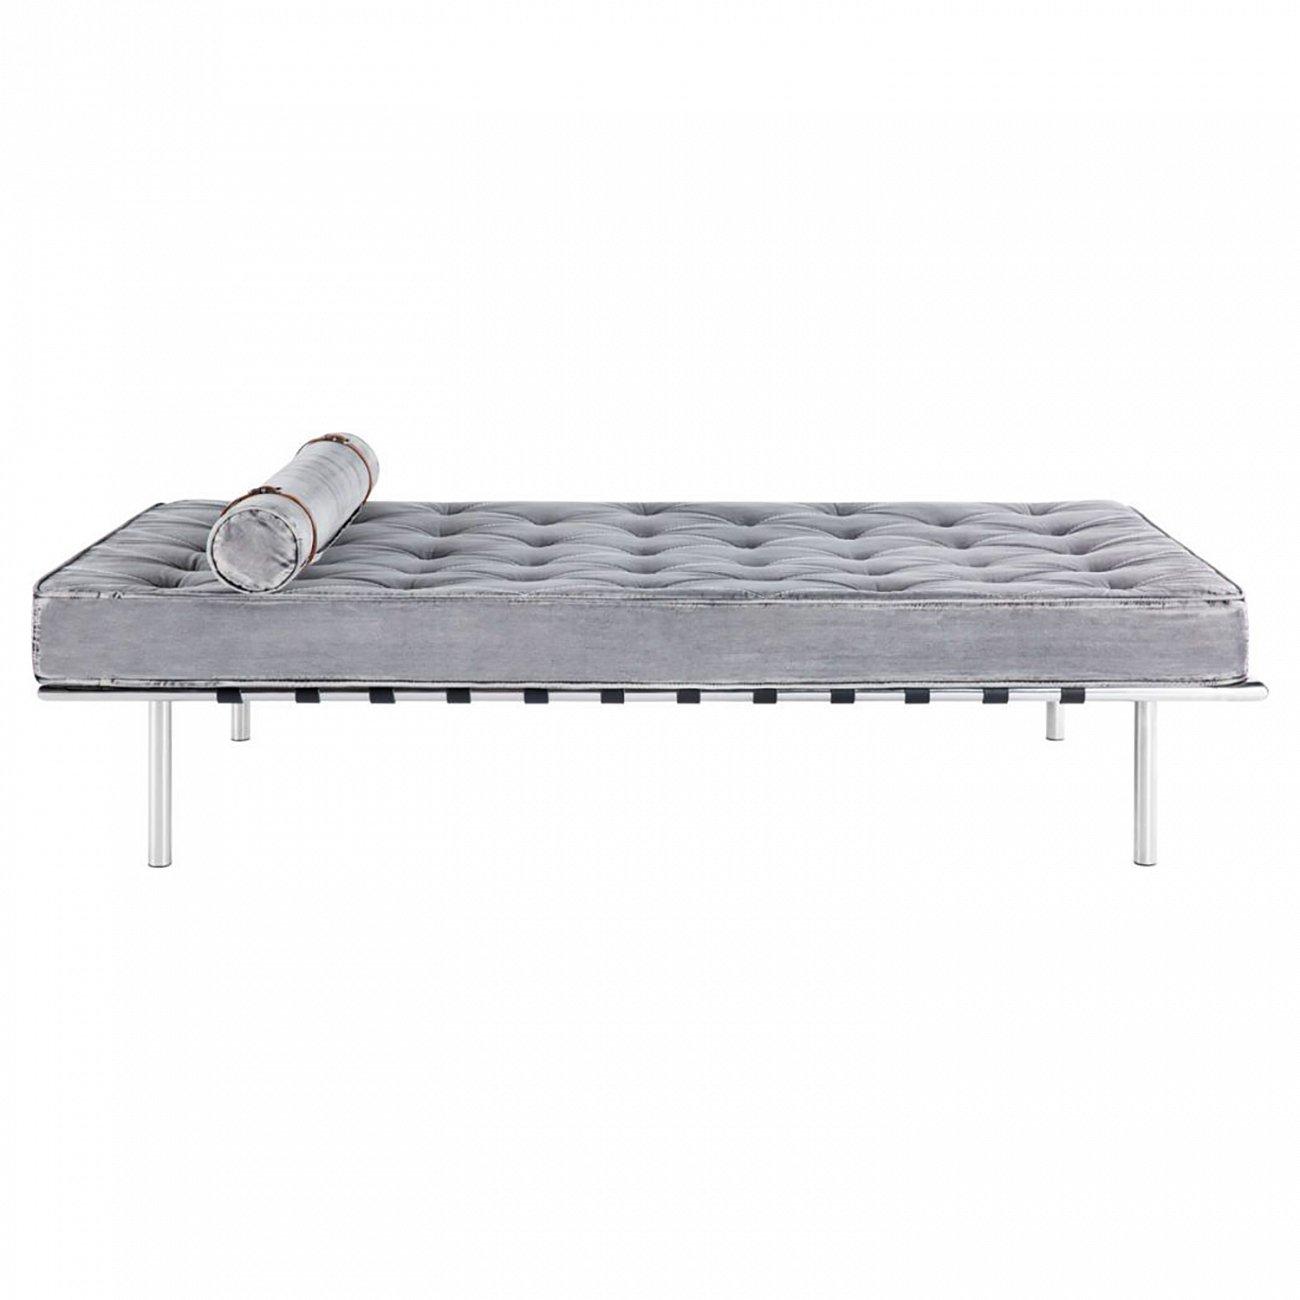 Купить Кровать BARCELONA в интернет магазине дизайнерской мебели и аксессуаров для дома и дачи